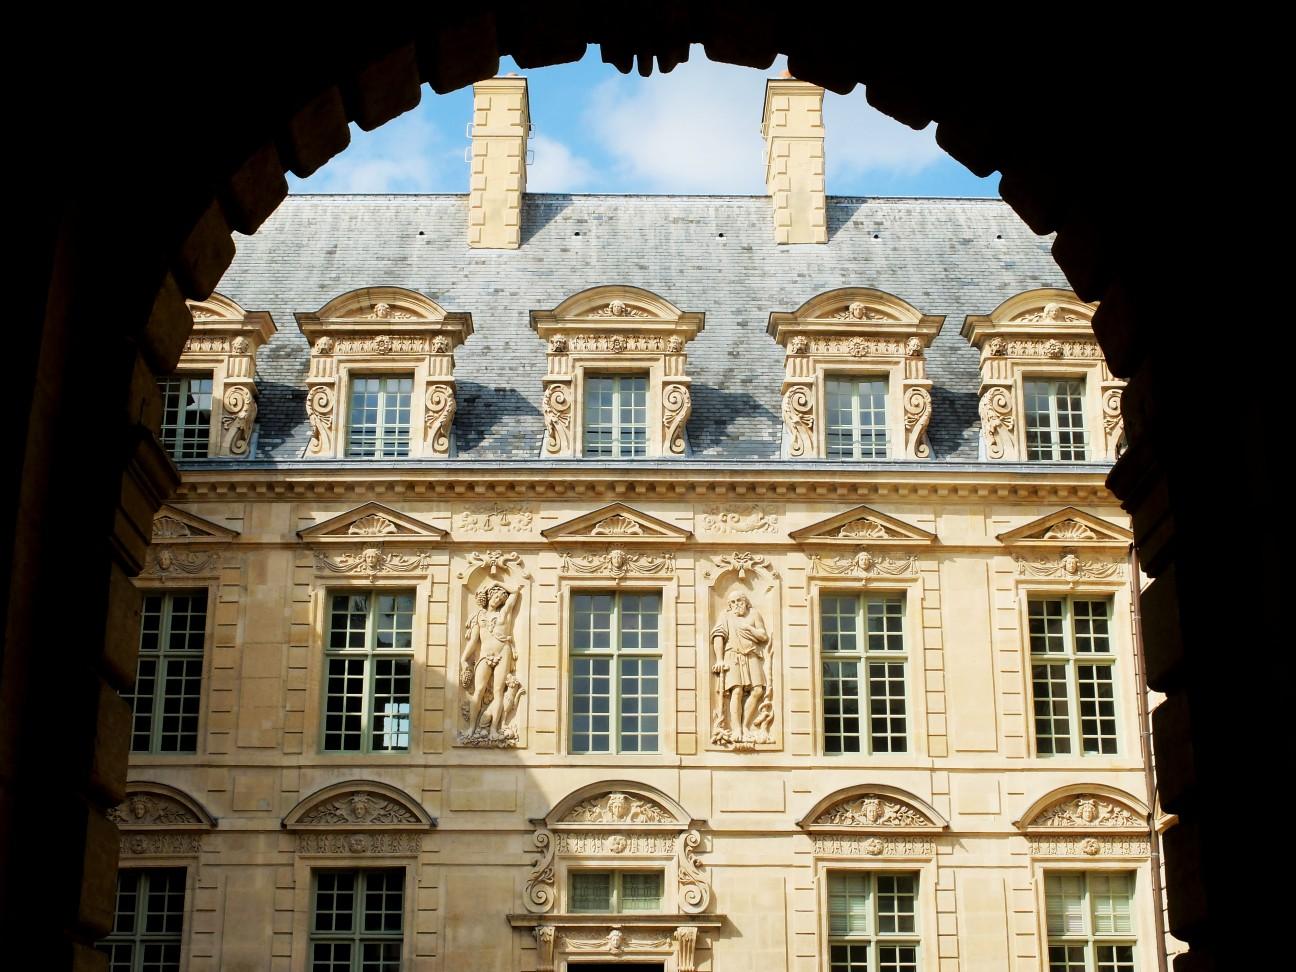 Balade dans le Marais - Hôtel de Sully